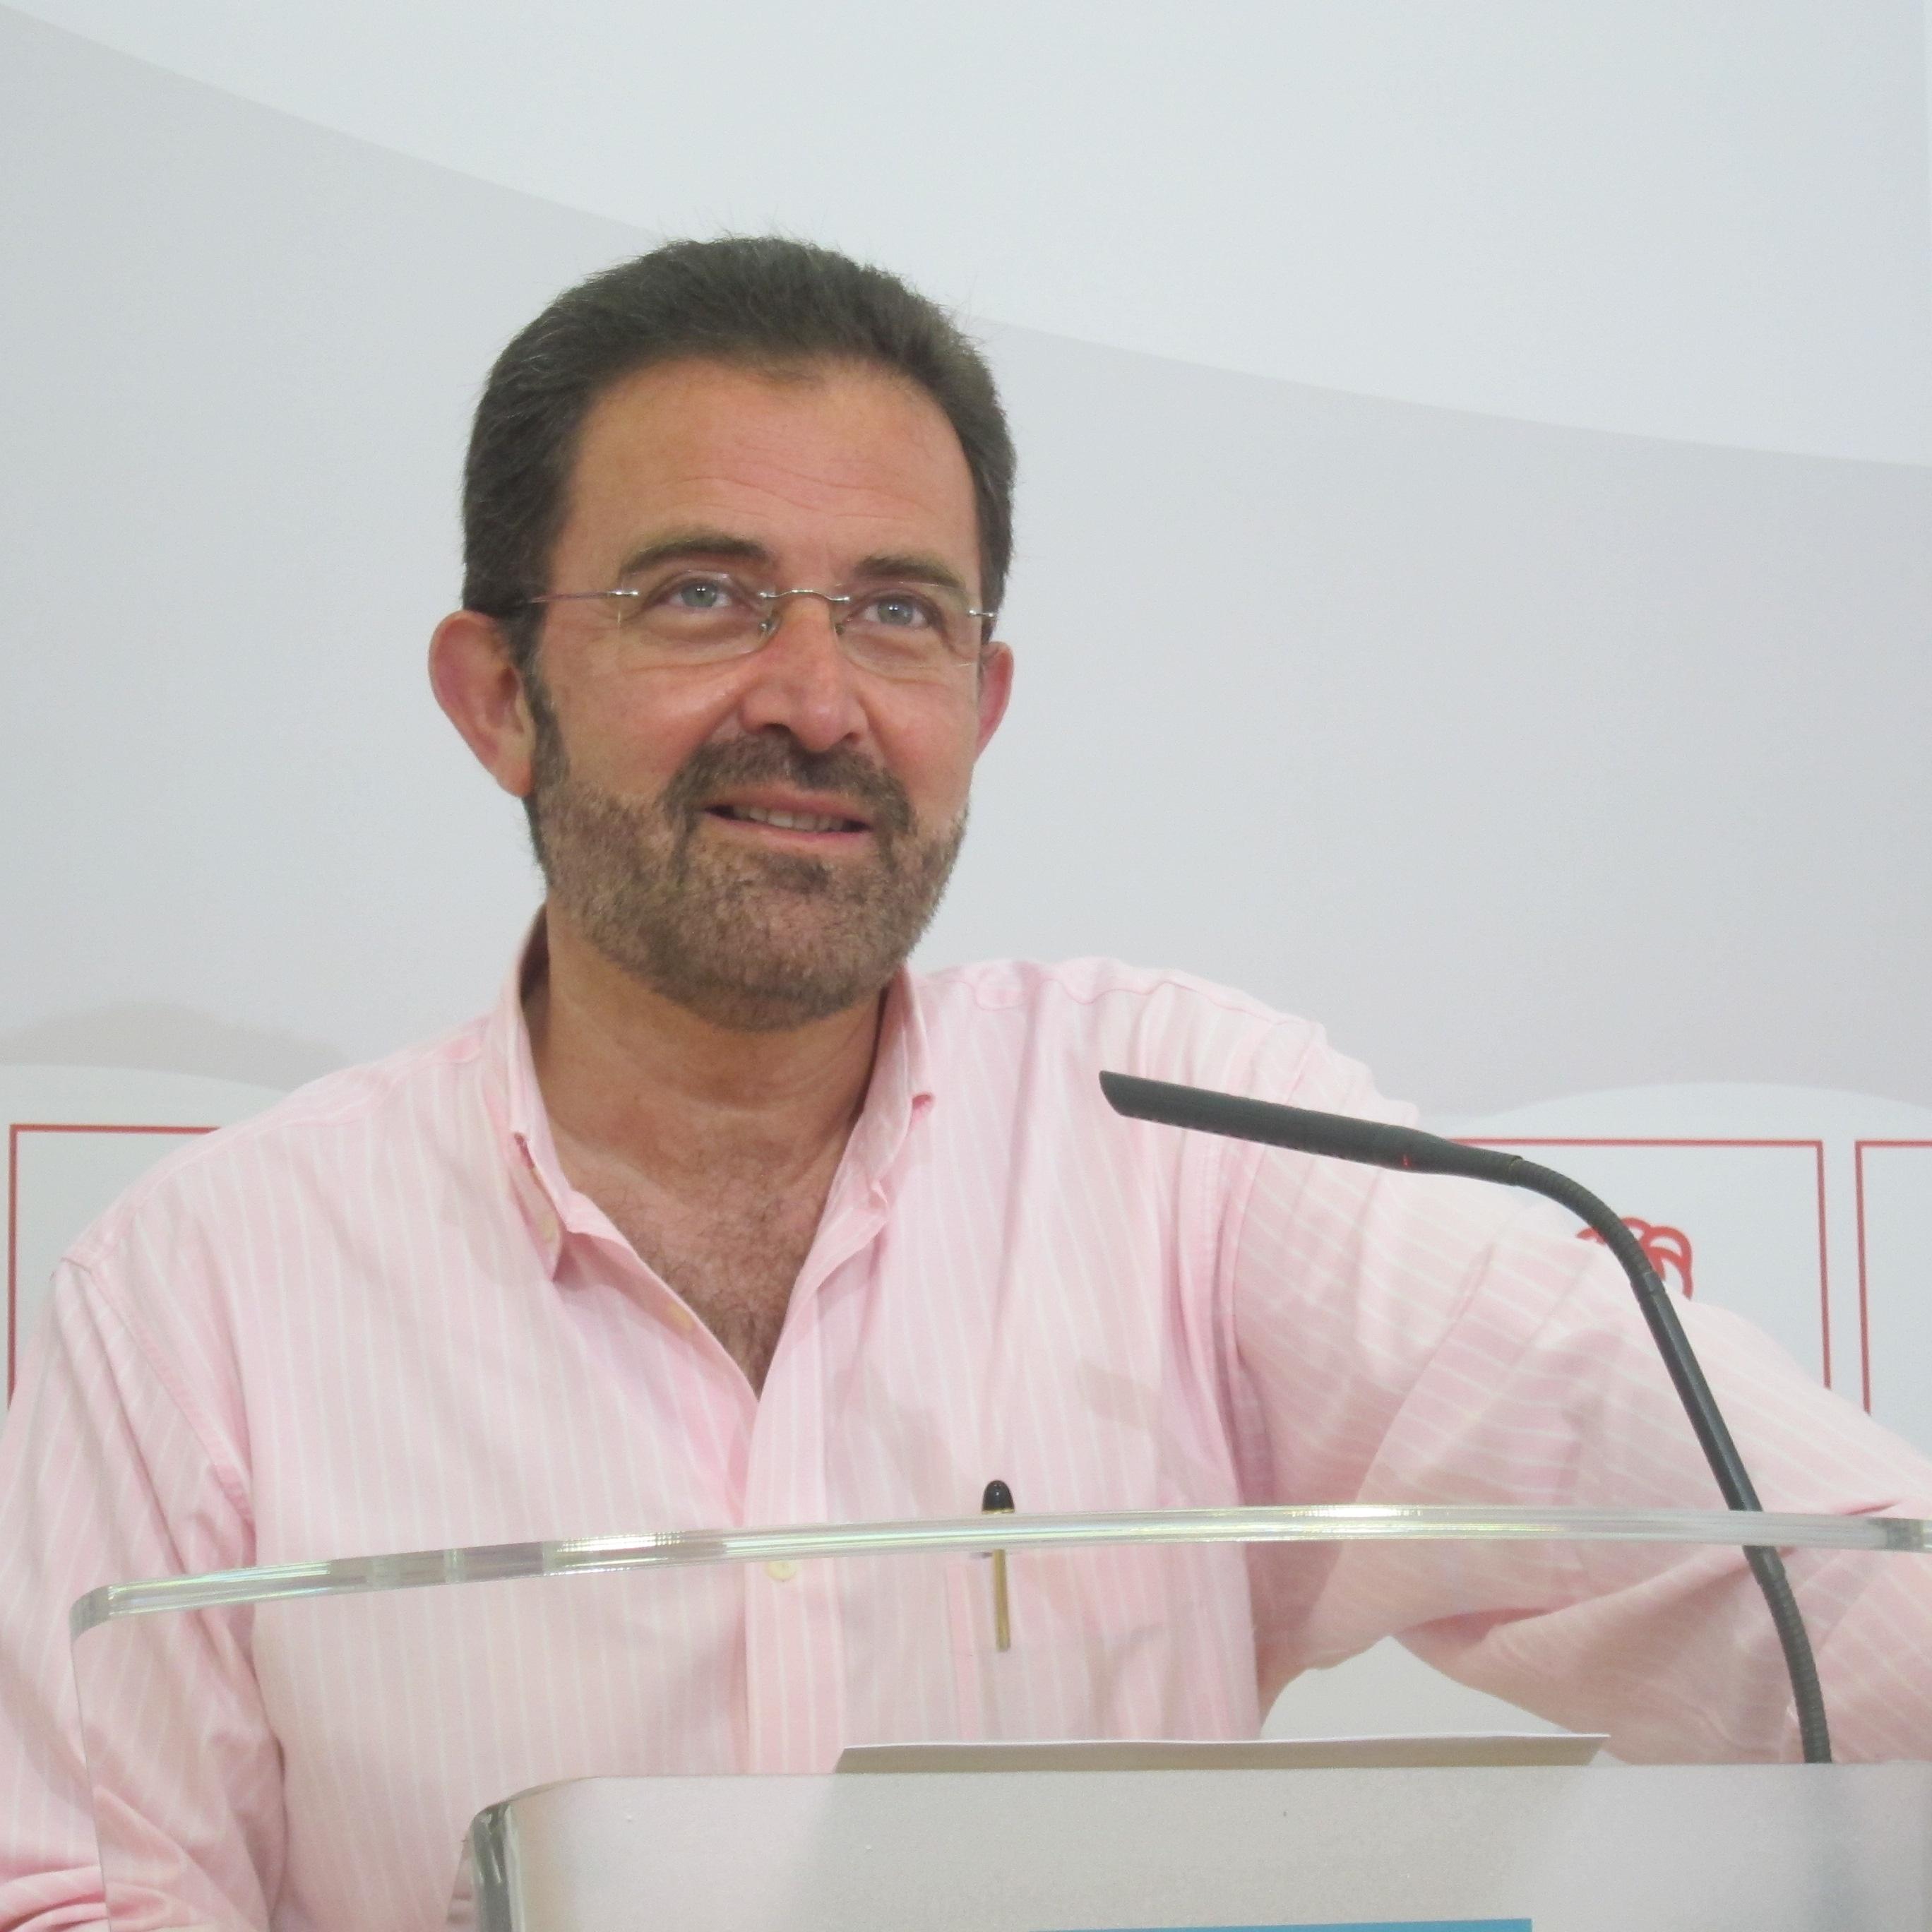 El PSOE reitera la «total disponibilidad» de Vara para iniciar una negociación encaminada a la recuperación económica